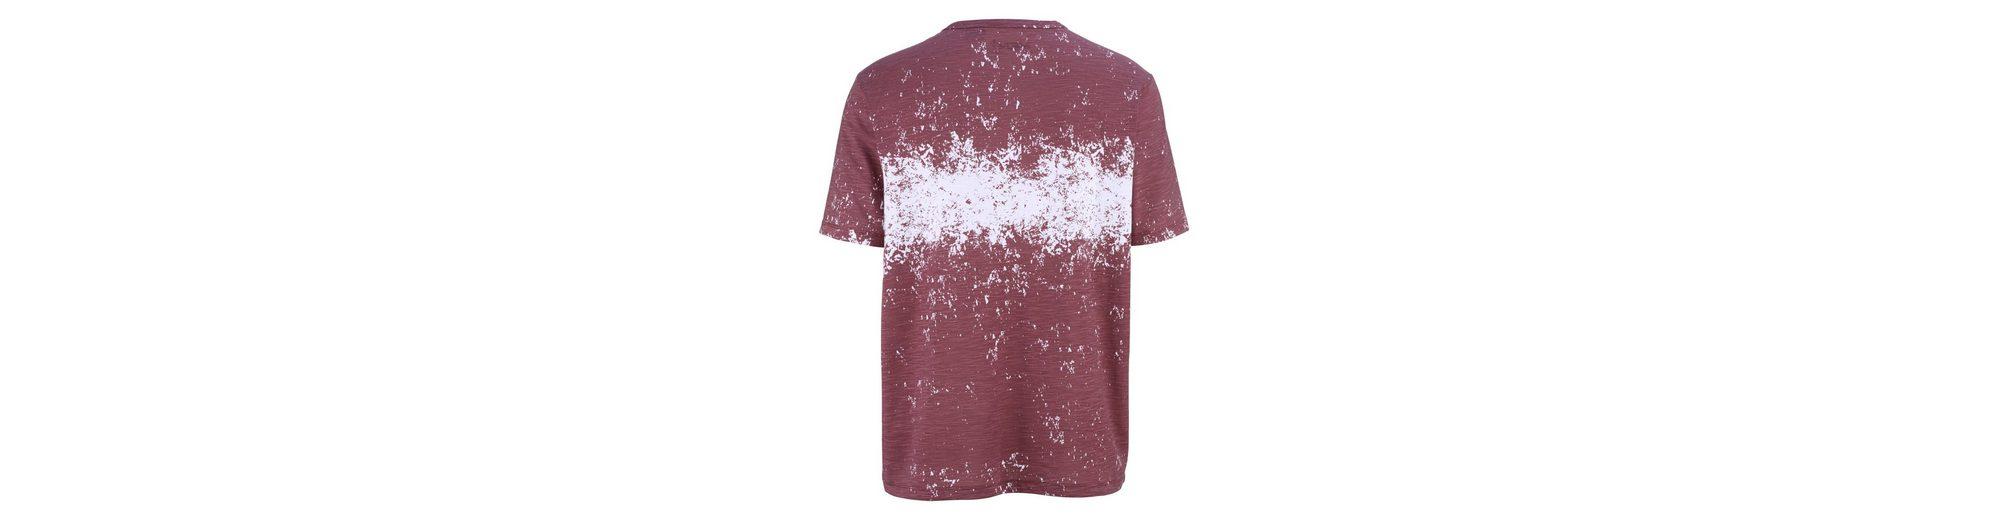 Men Plus by Happy Size T-Shirt Rabatt Limitierte Auflage Auslass Wirklich Neue Ankunft Verkauf Online Spielraum Rabatte tfaOiWml